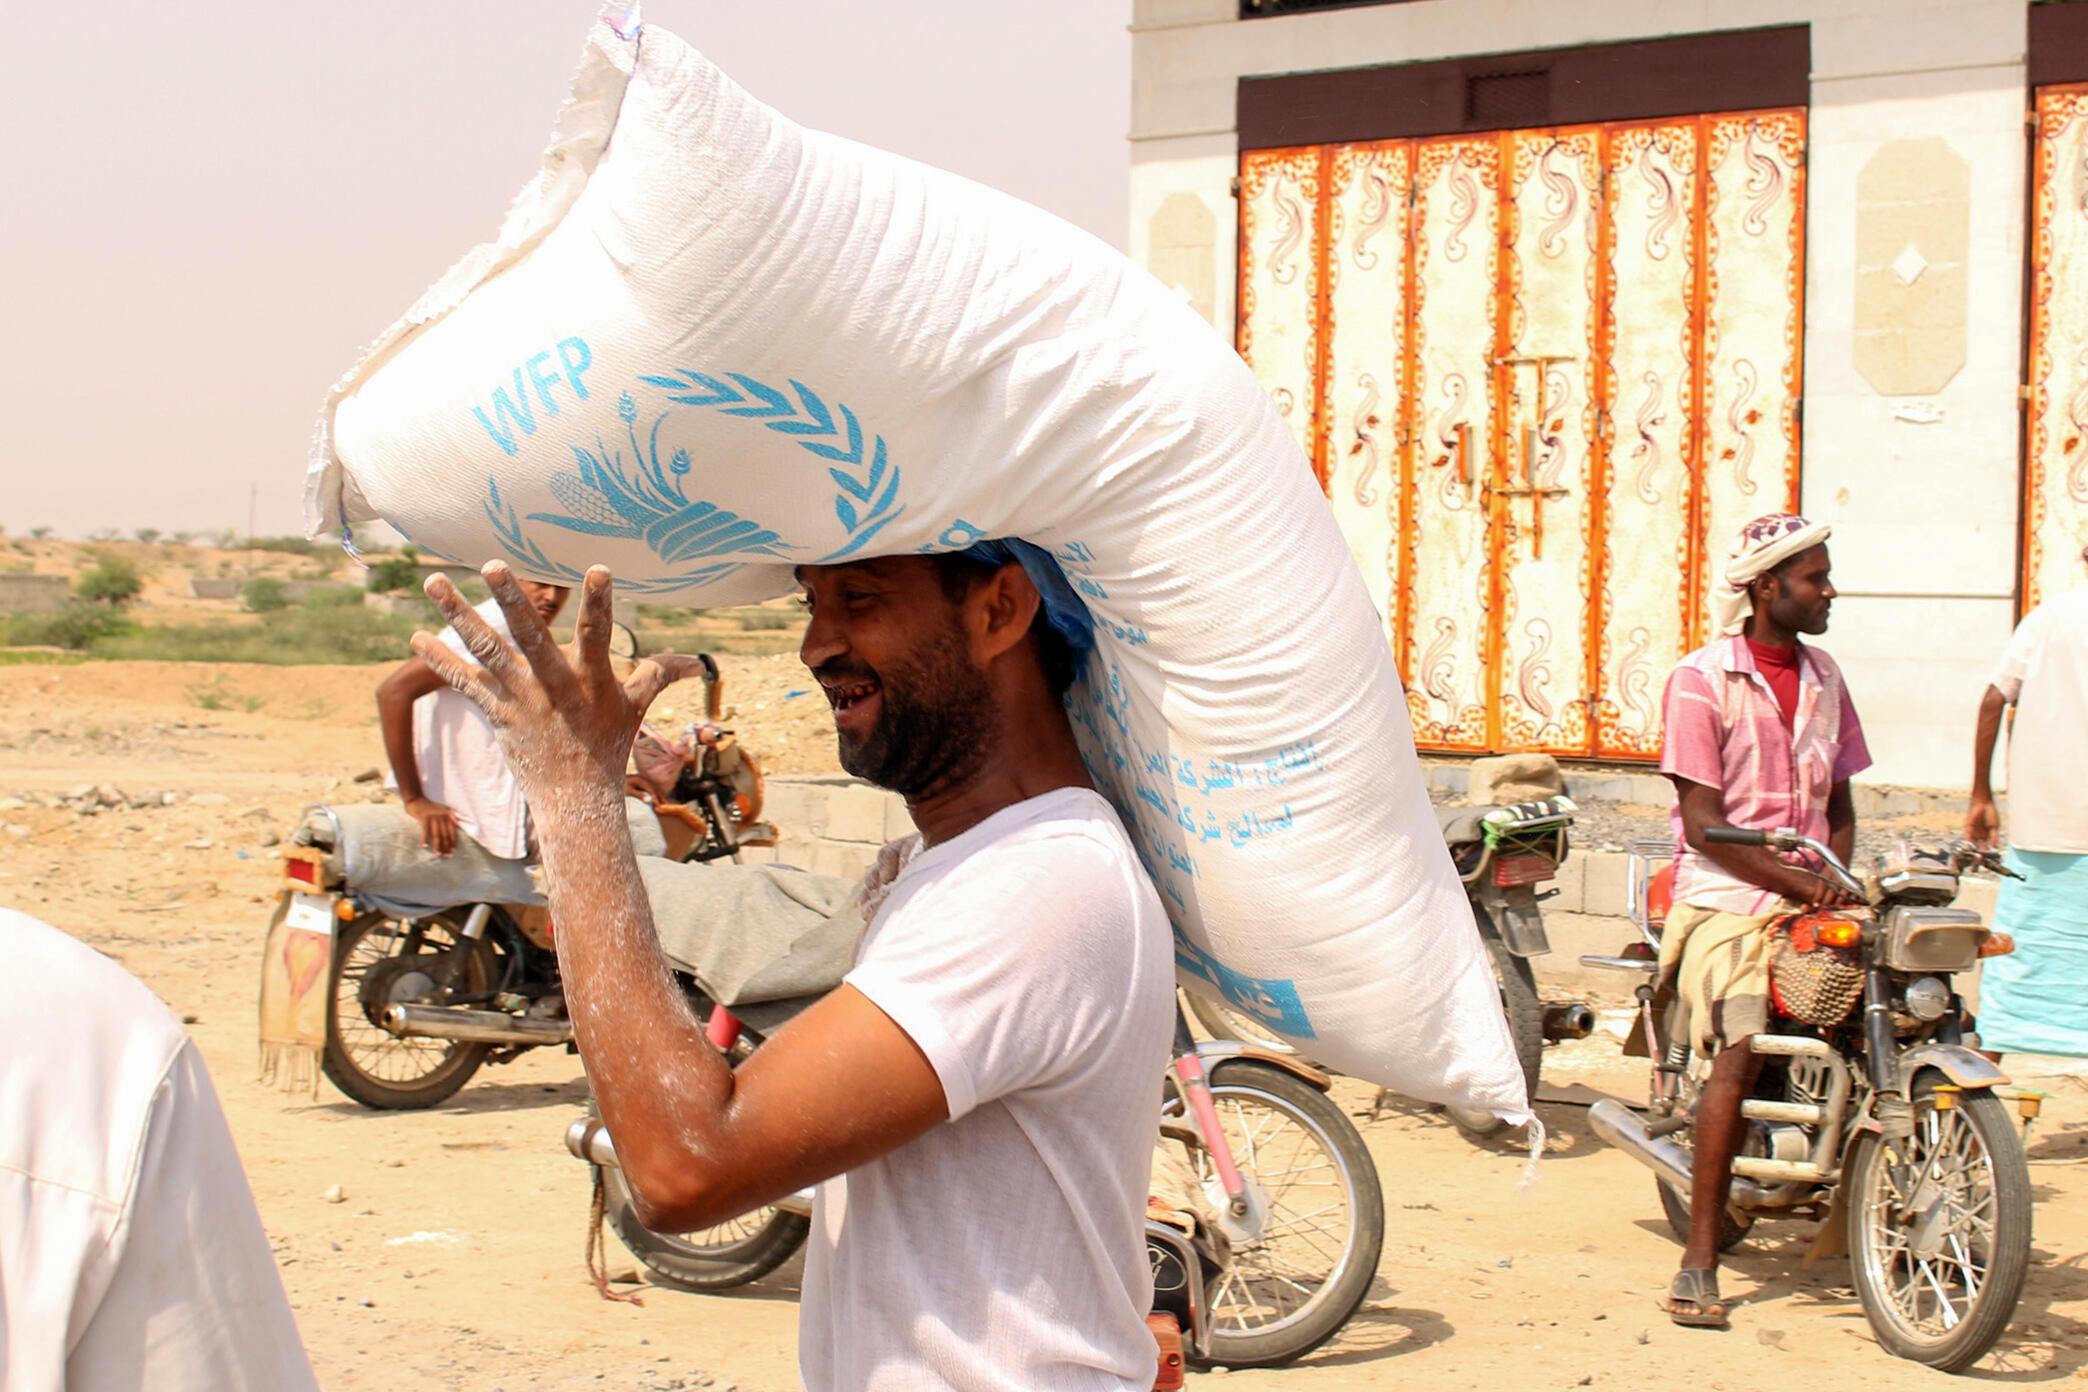 Homem carrega um saco com ajuda humanitária na região de Hajjah, no Iêmen, em julho de 2019.